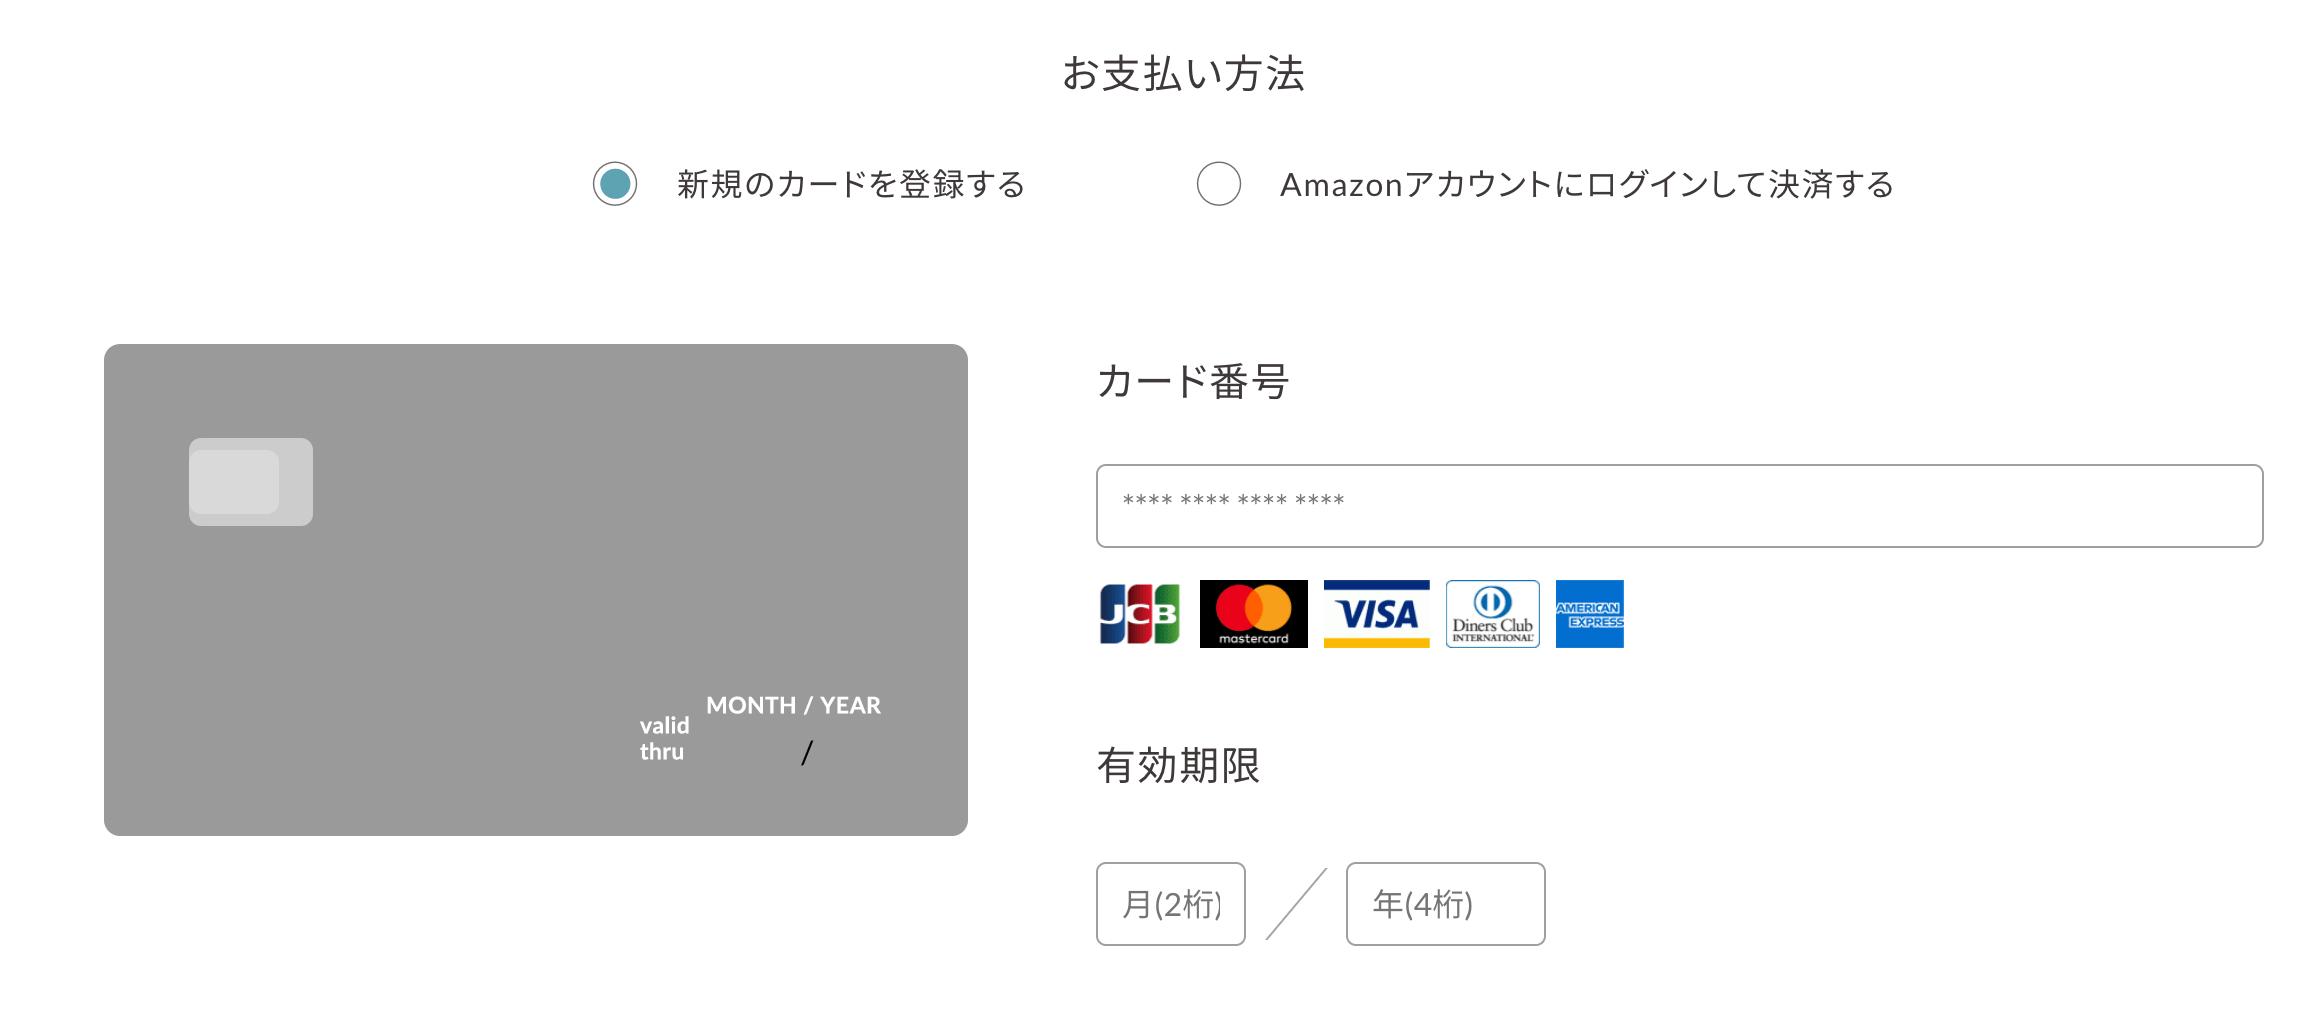 SOELUの支払い情報登録